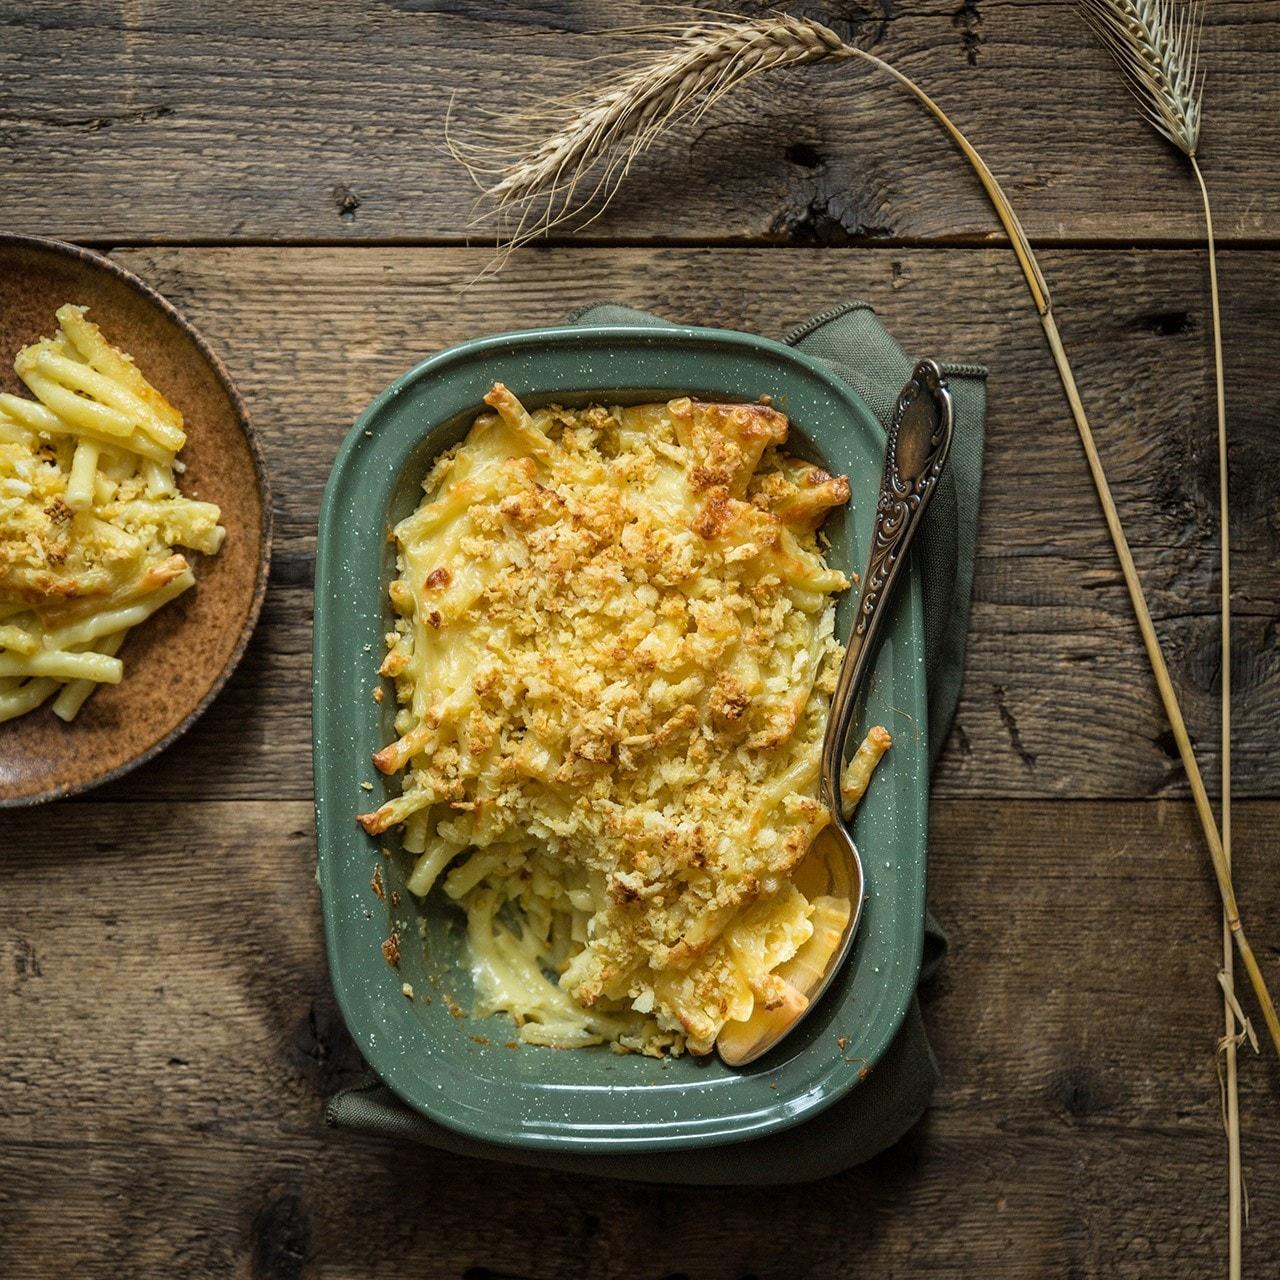 Le Moulin - Les recettes - Kachkéis Mac'n Cheese